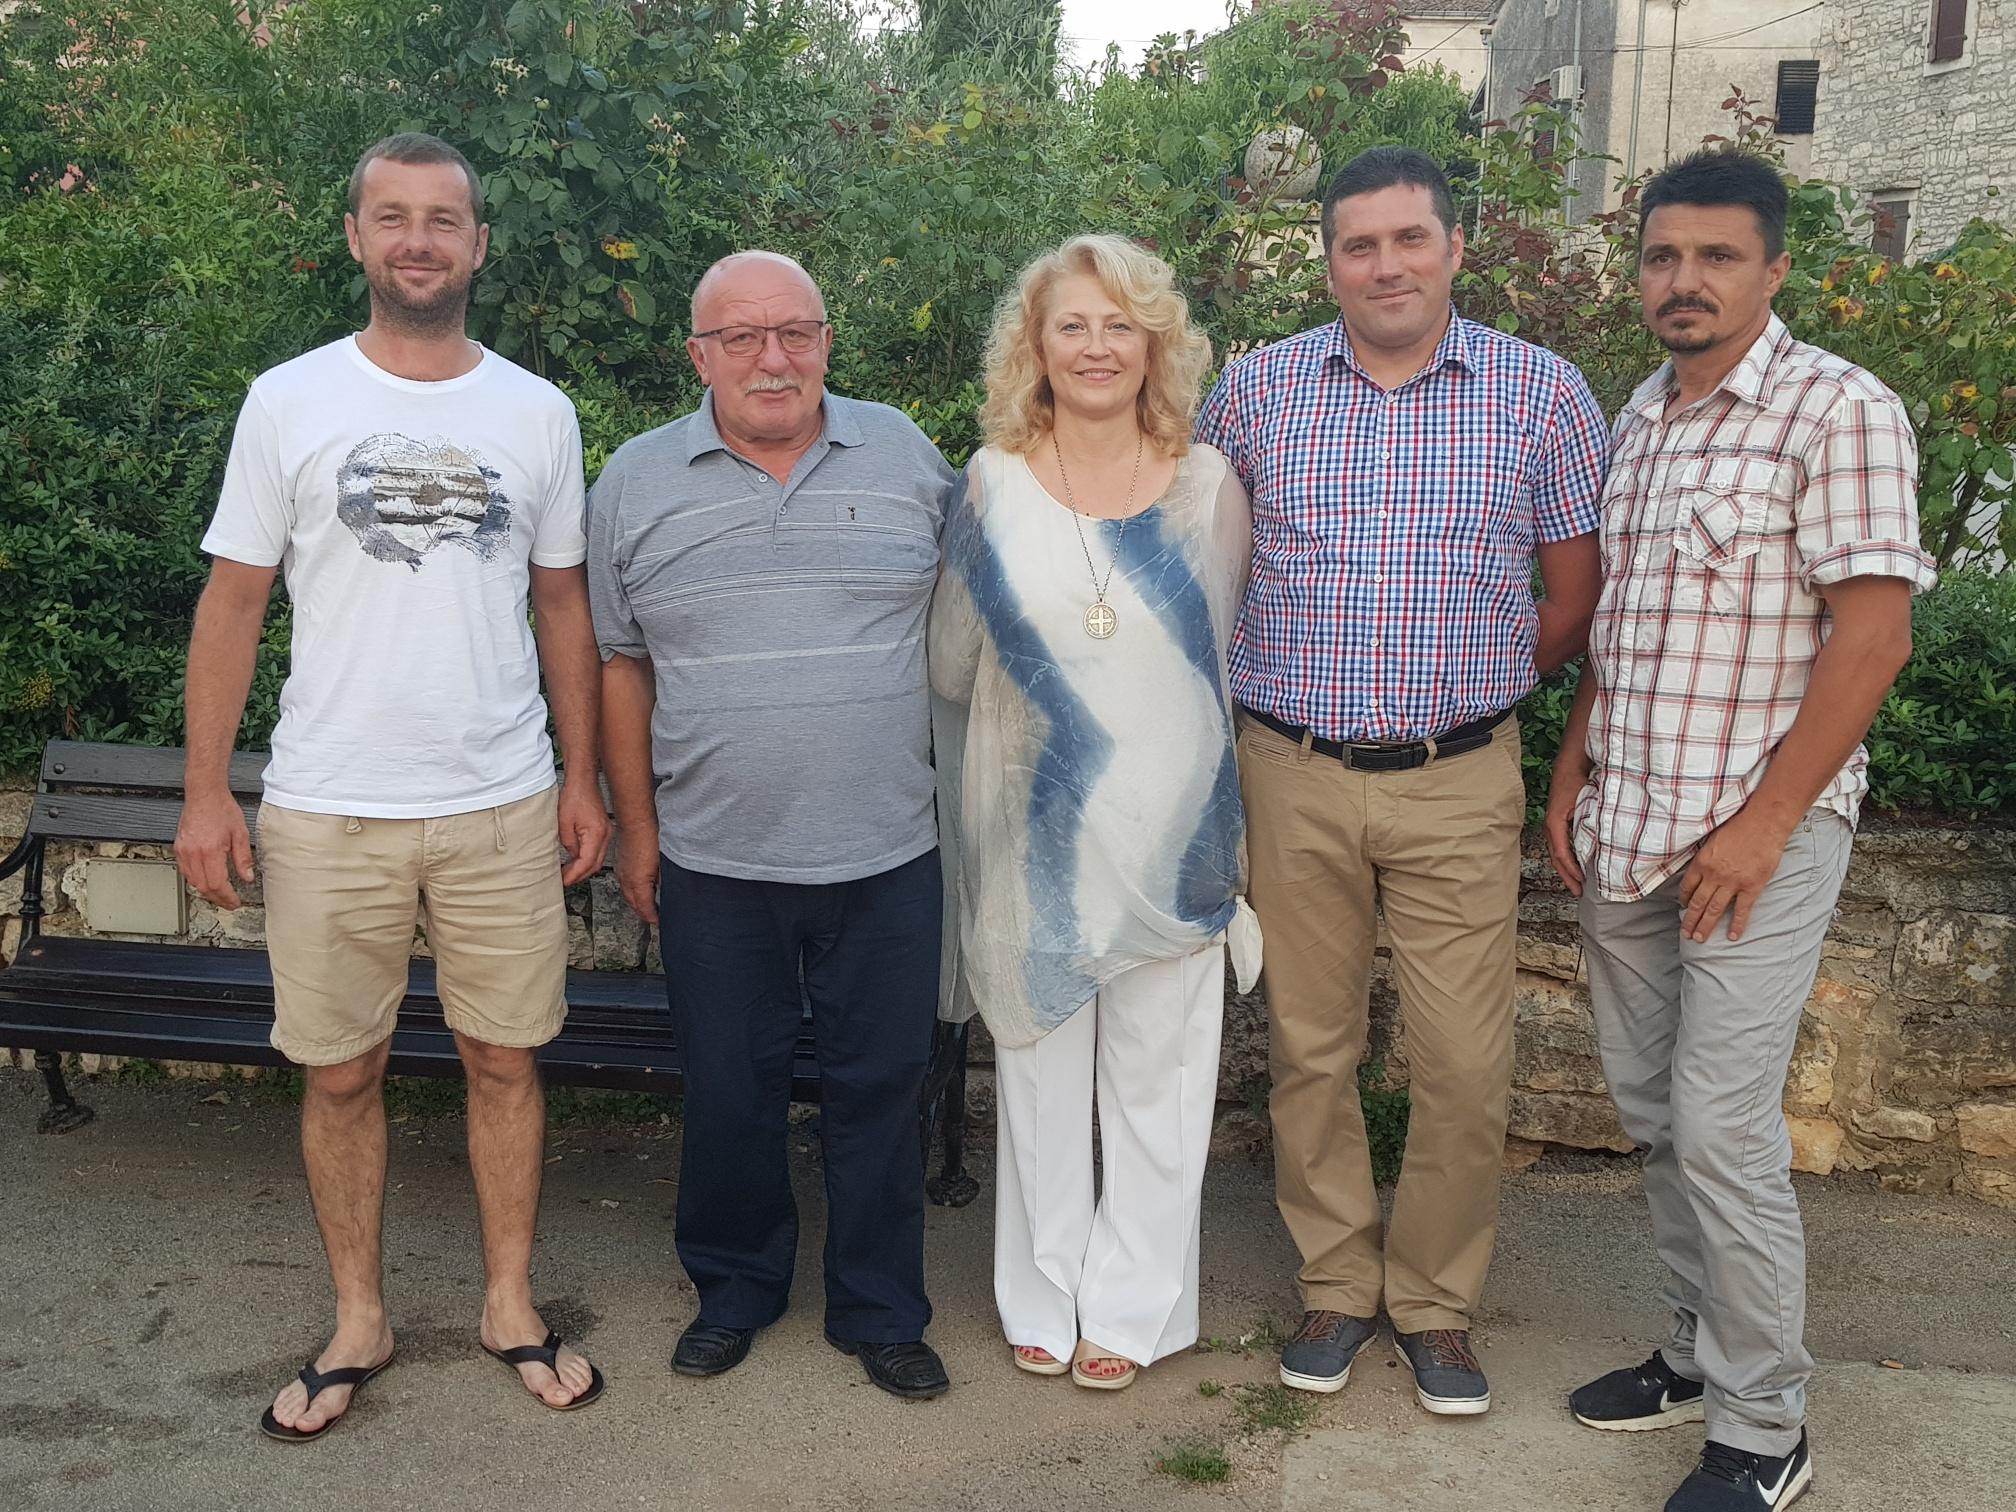 Seduta costitutiva del Consiglio del Comitato locale di villa di Rovigno